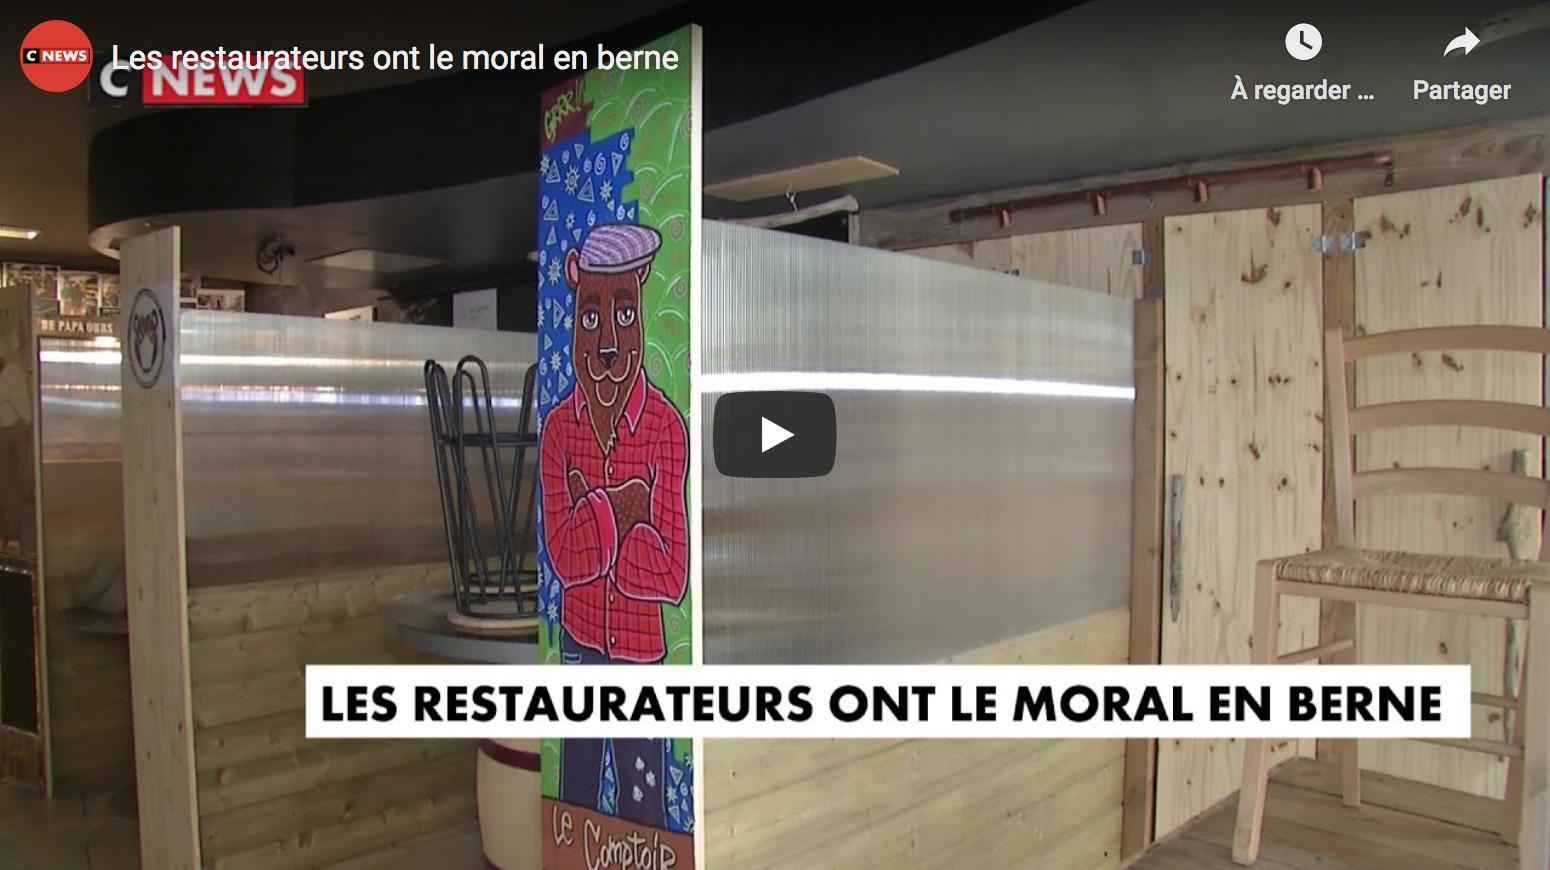 Les restaurateurs ont le moral en berne